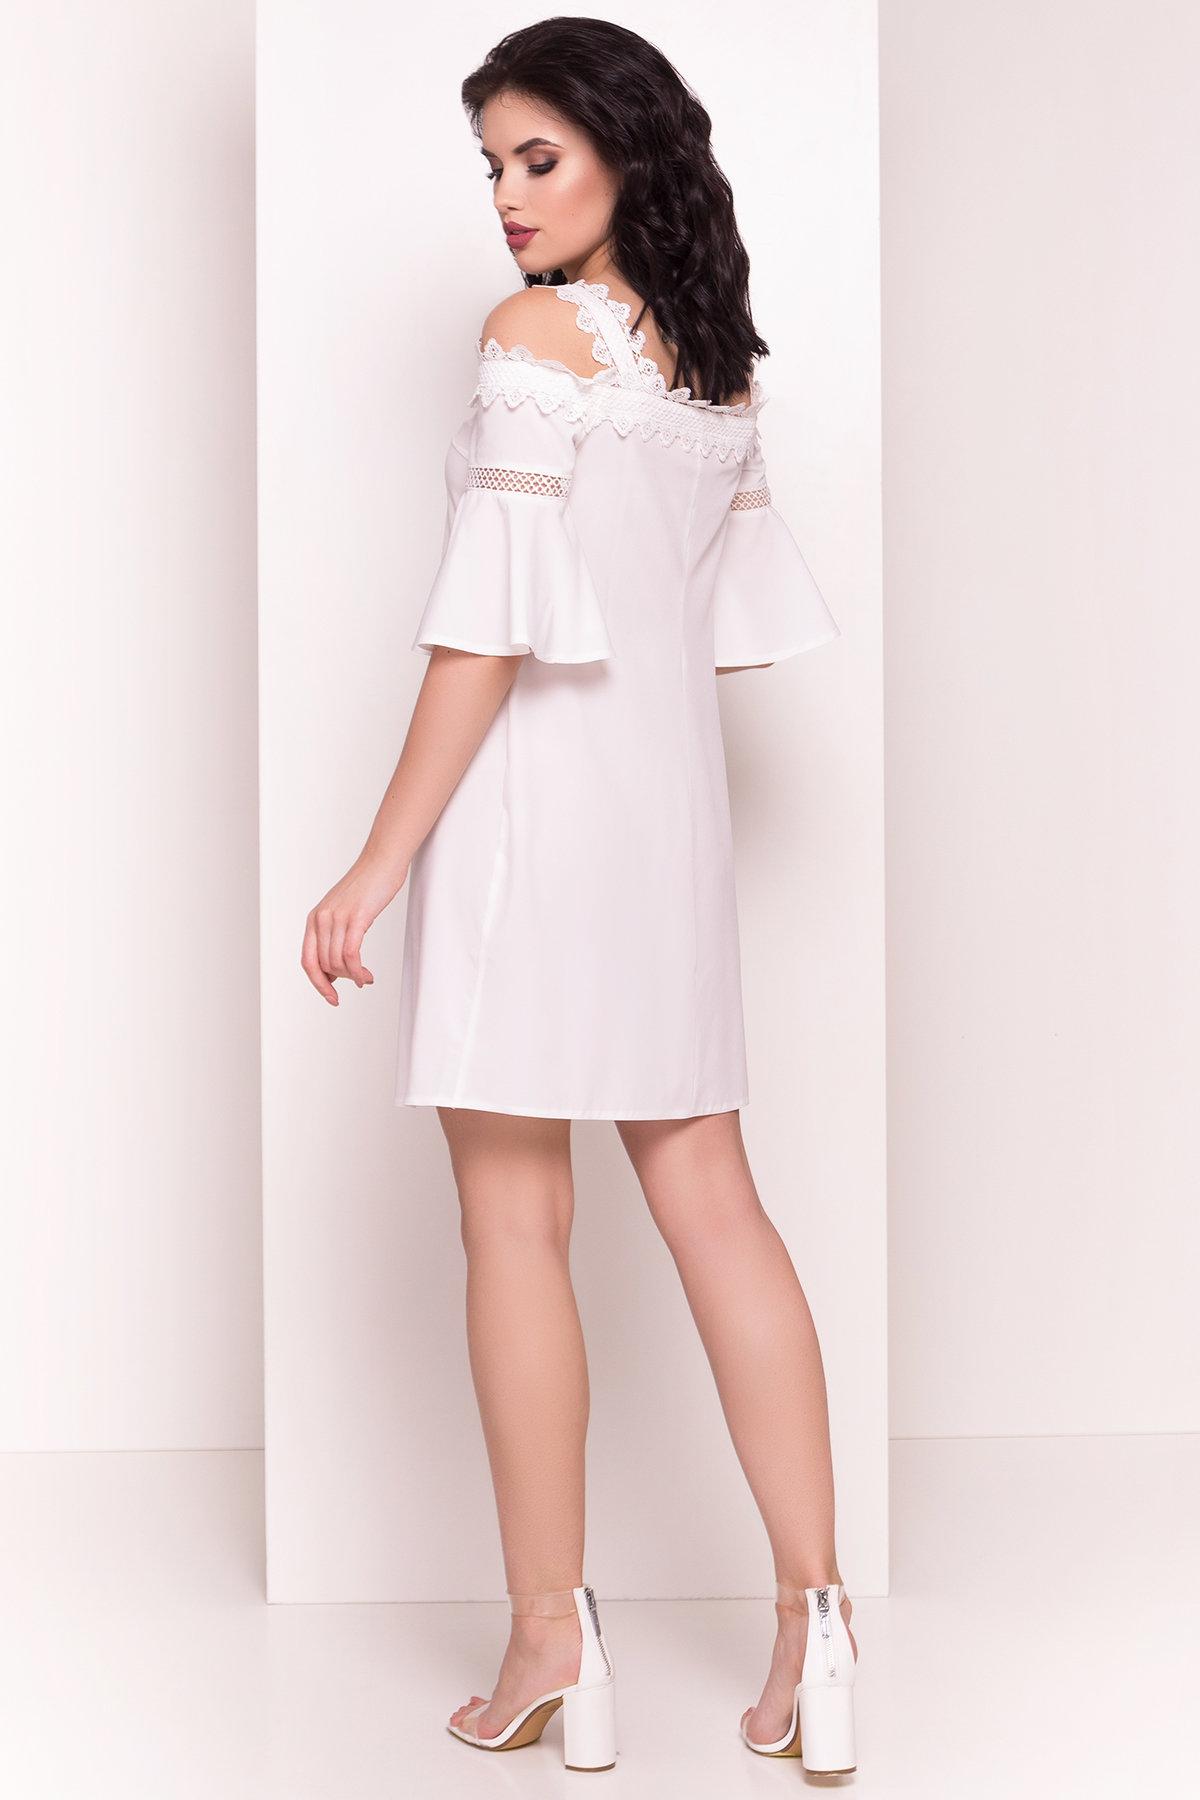 Платье Мальфа 5001 АРТ. 35424 Цвет: Молоко - фото 3, интернет магазин tm-modus.ru